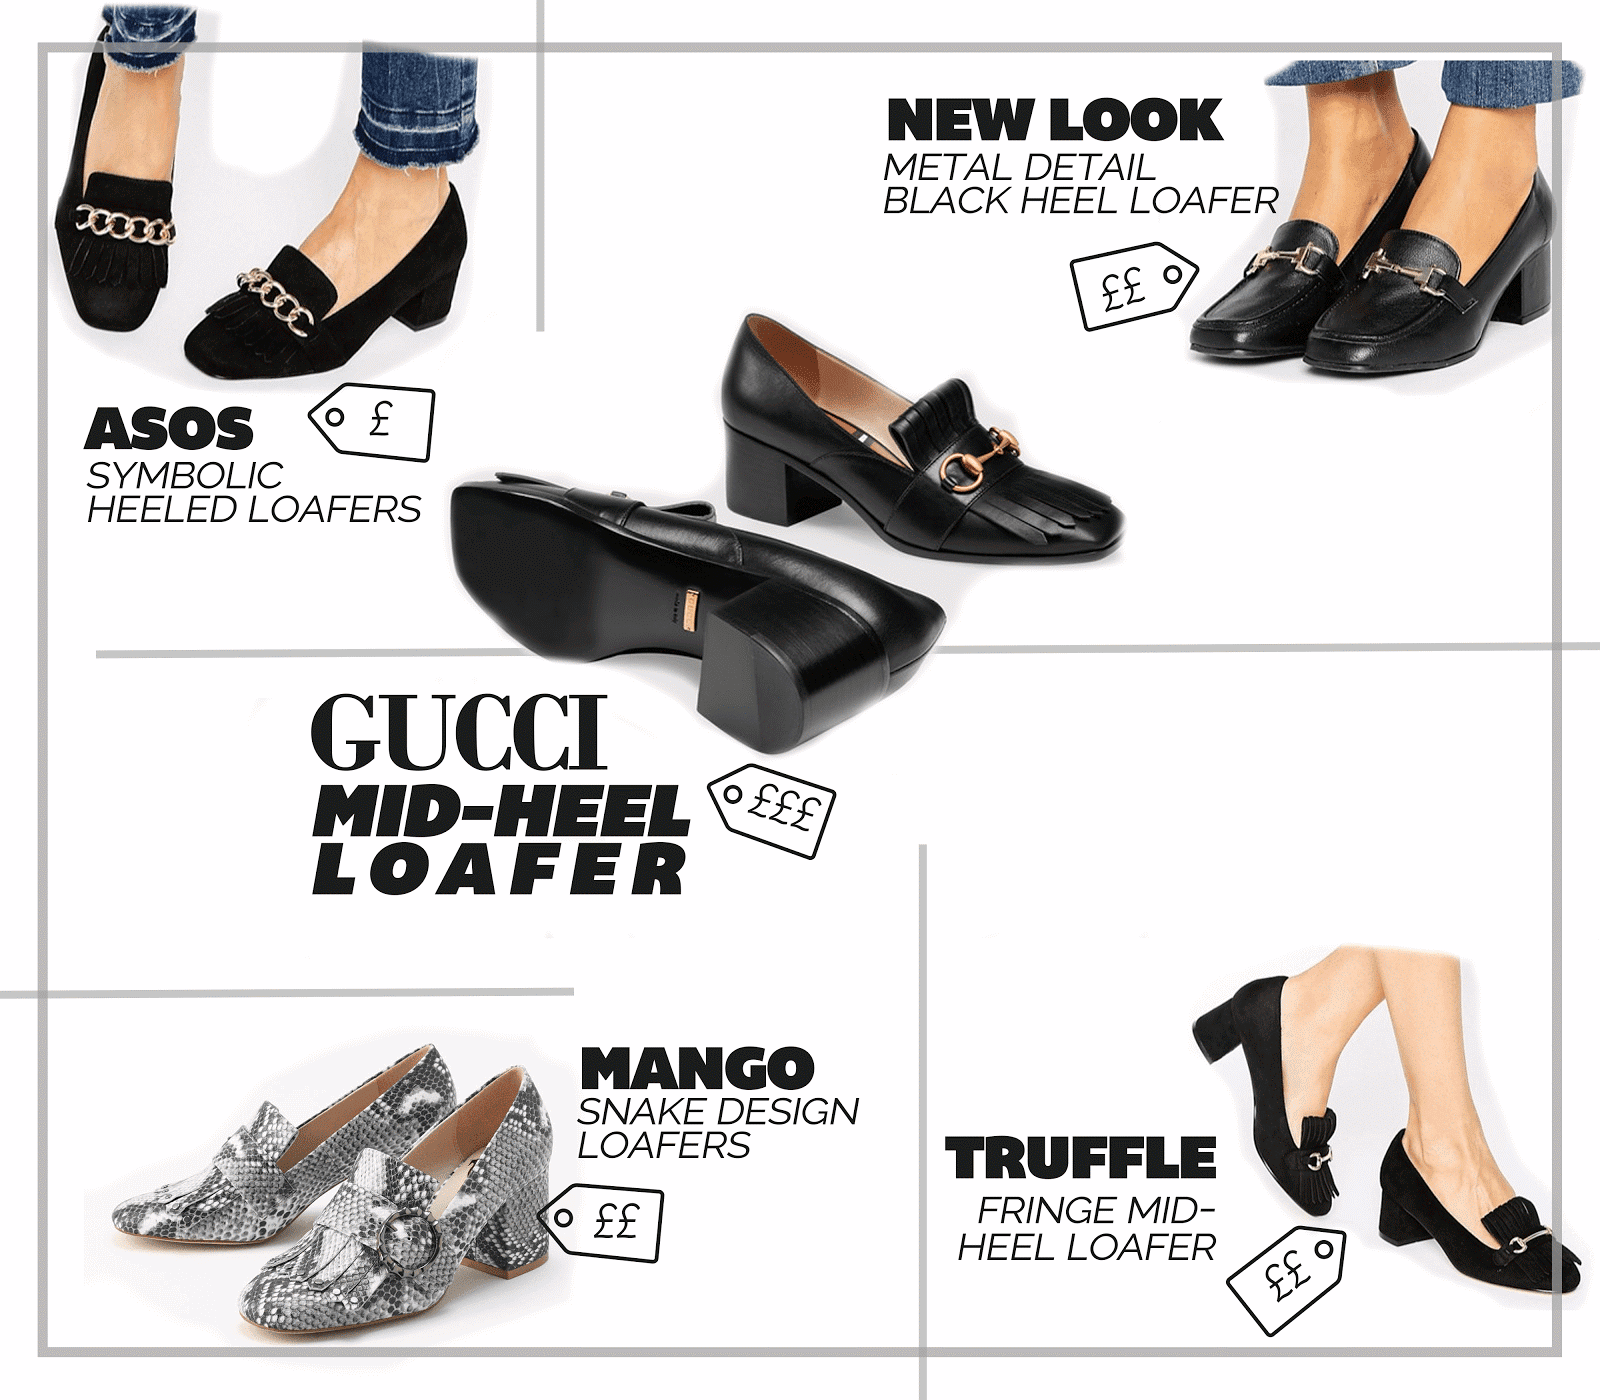 designer shoe gucci mid-heel loafer best highstreet dupes